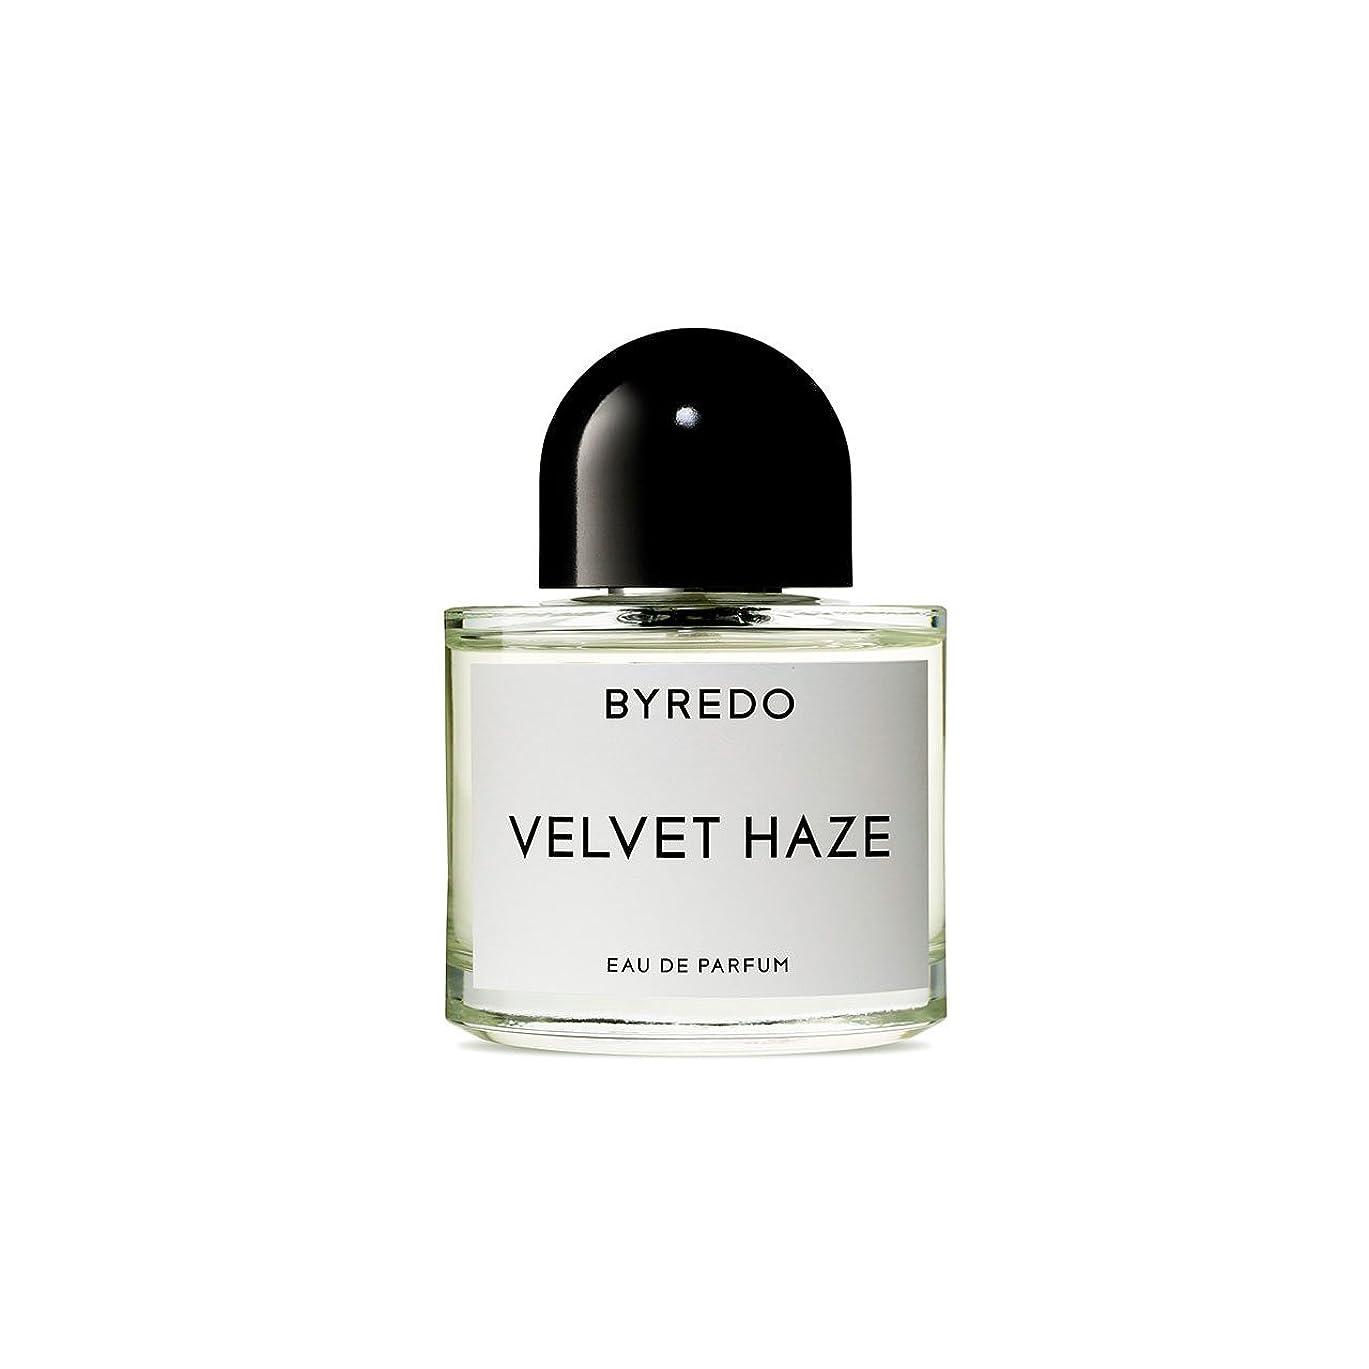 湿った未亡人敬の念バレード Velvet Haz Eau De Parfum Spray 50ml/1.7oz並行輸入品